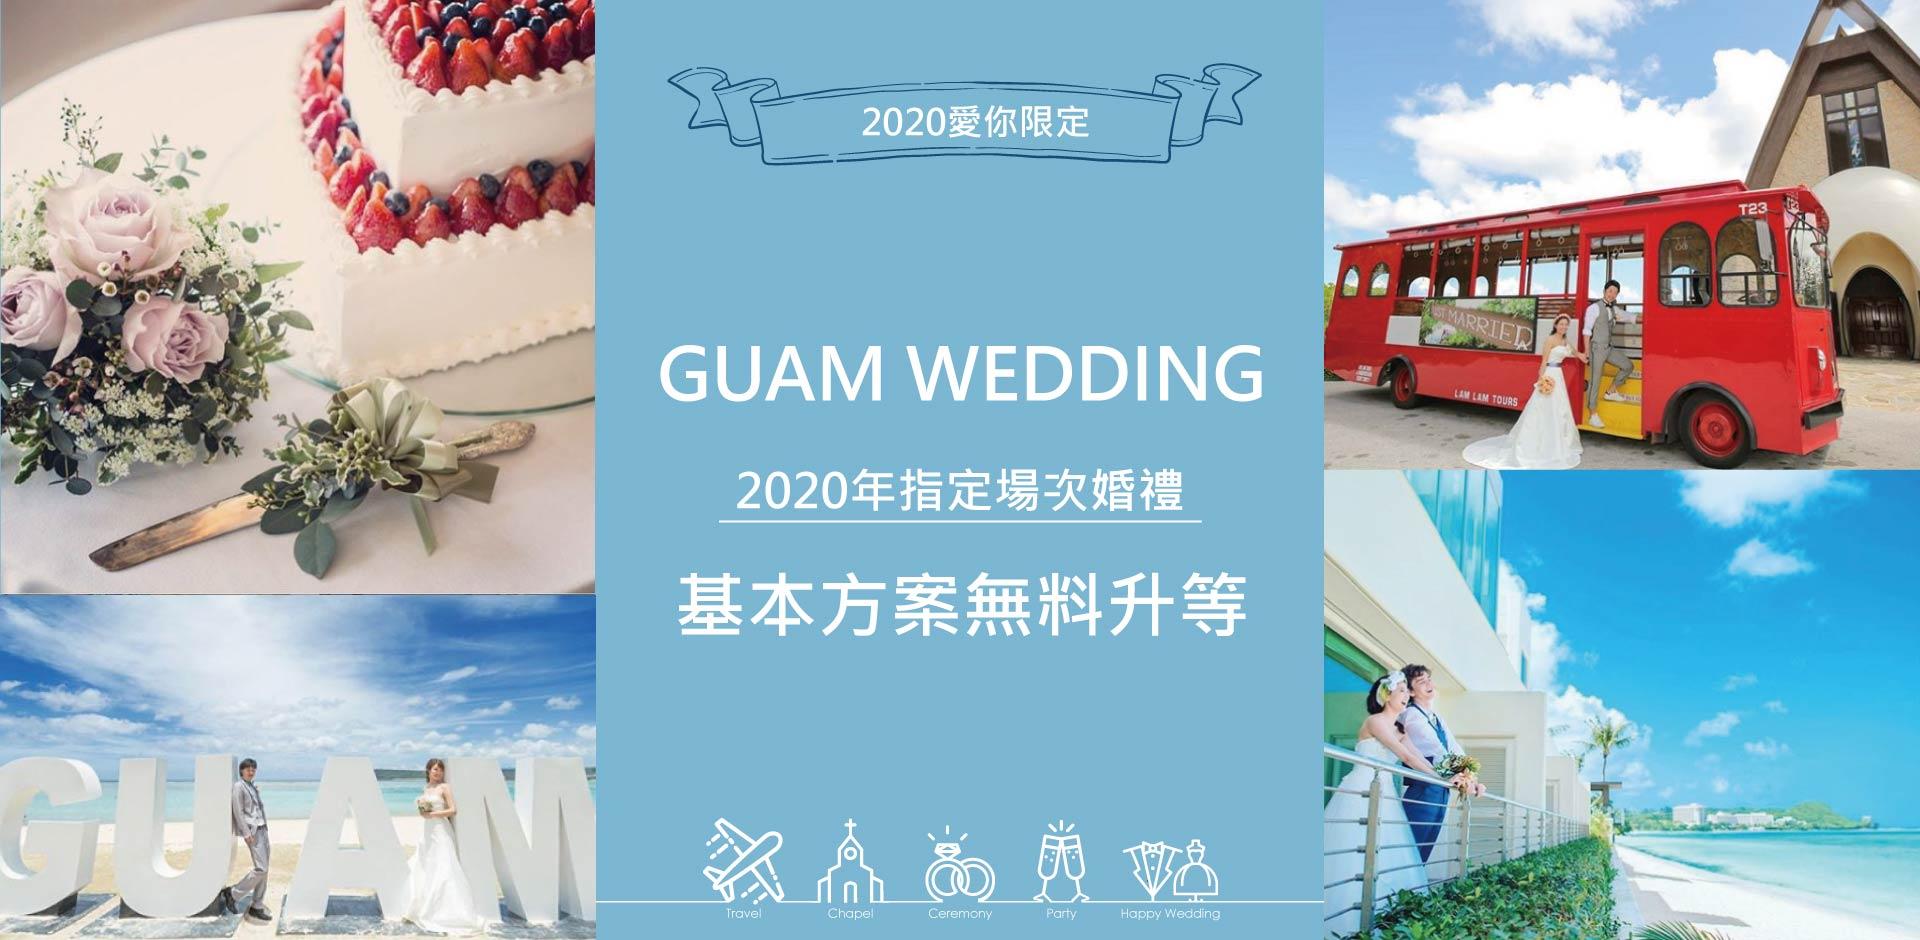 2020年愛你限定~關島婚禮優惠!